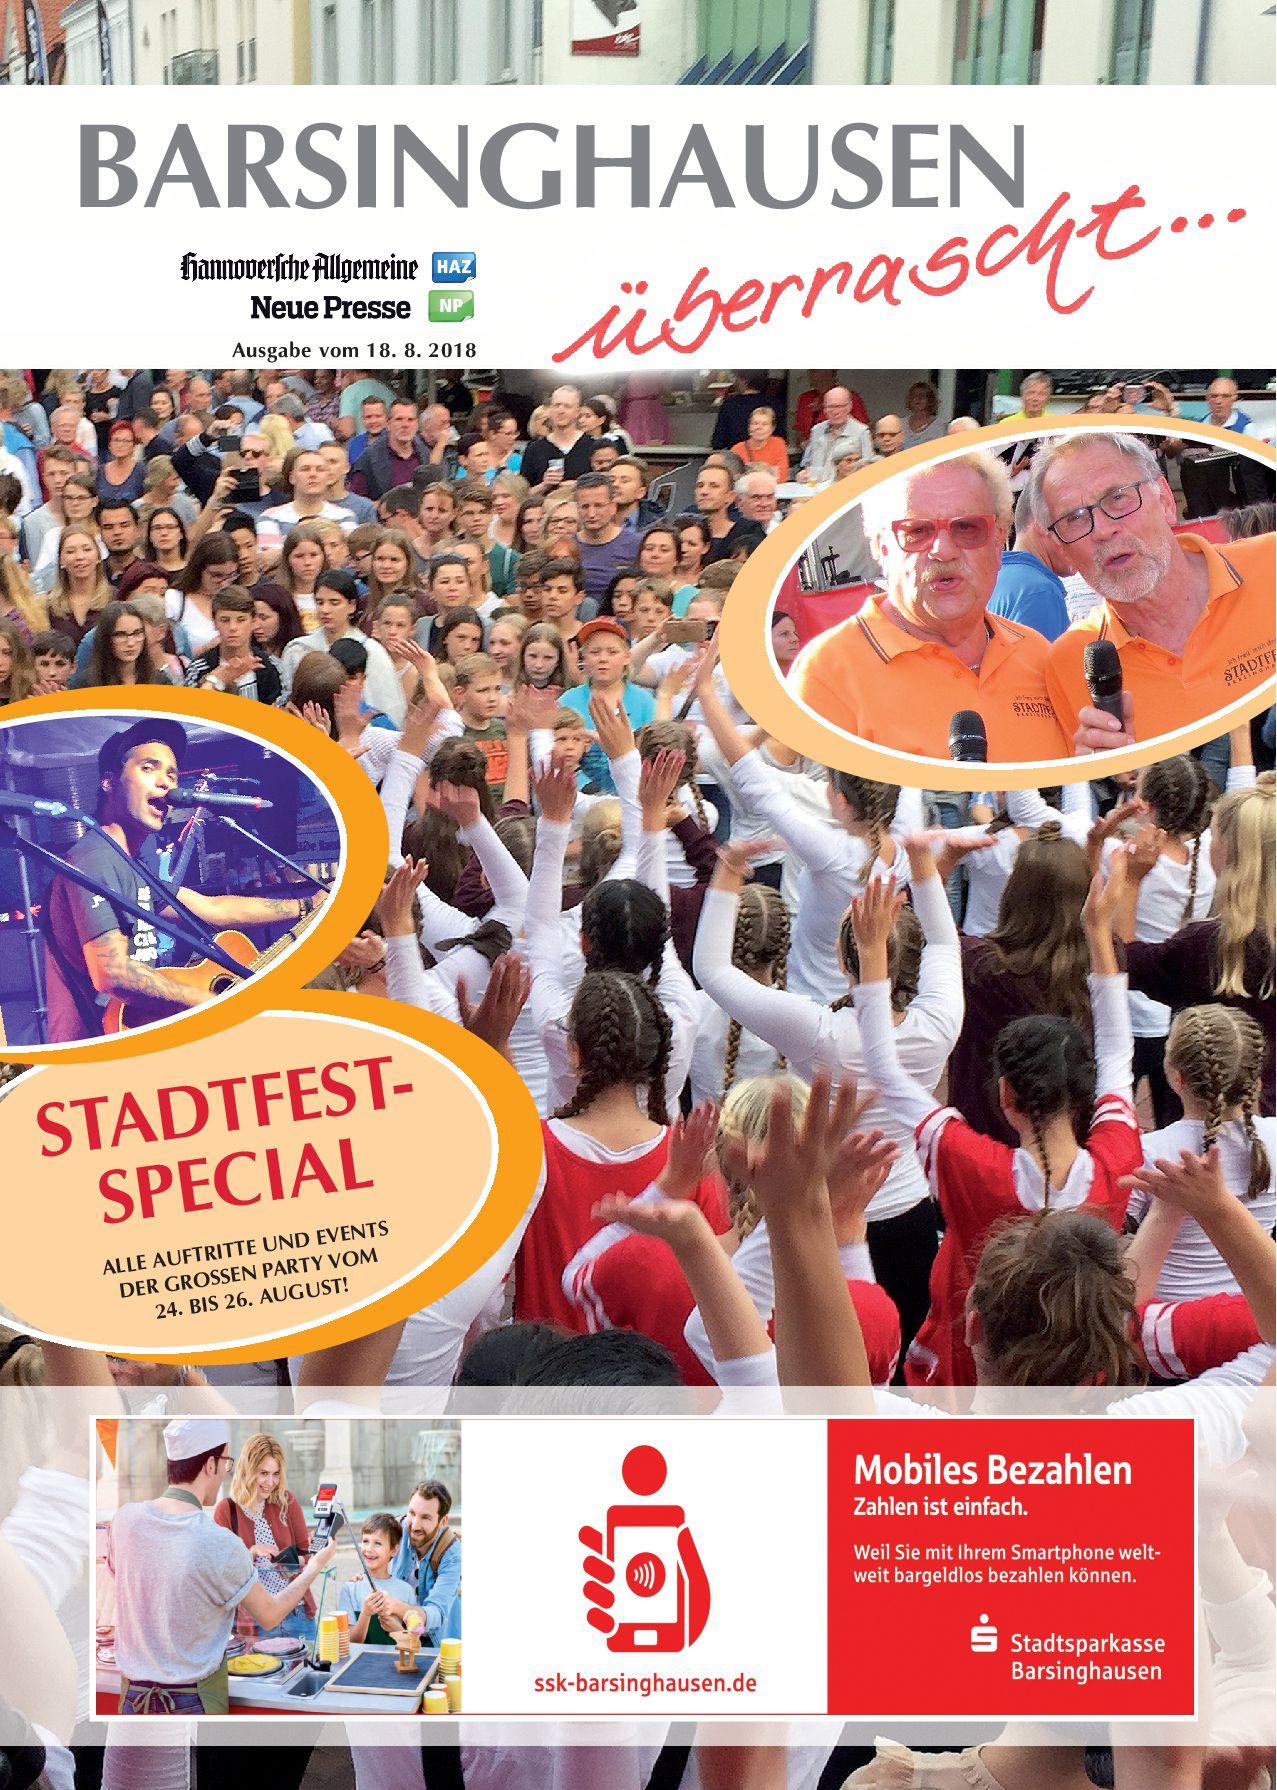 barsinghausen-vom-18-08-2018